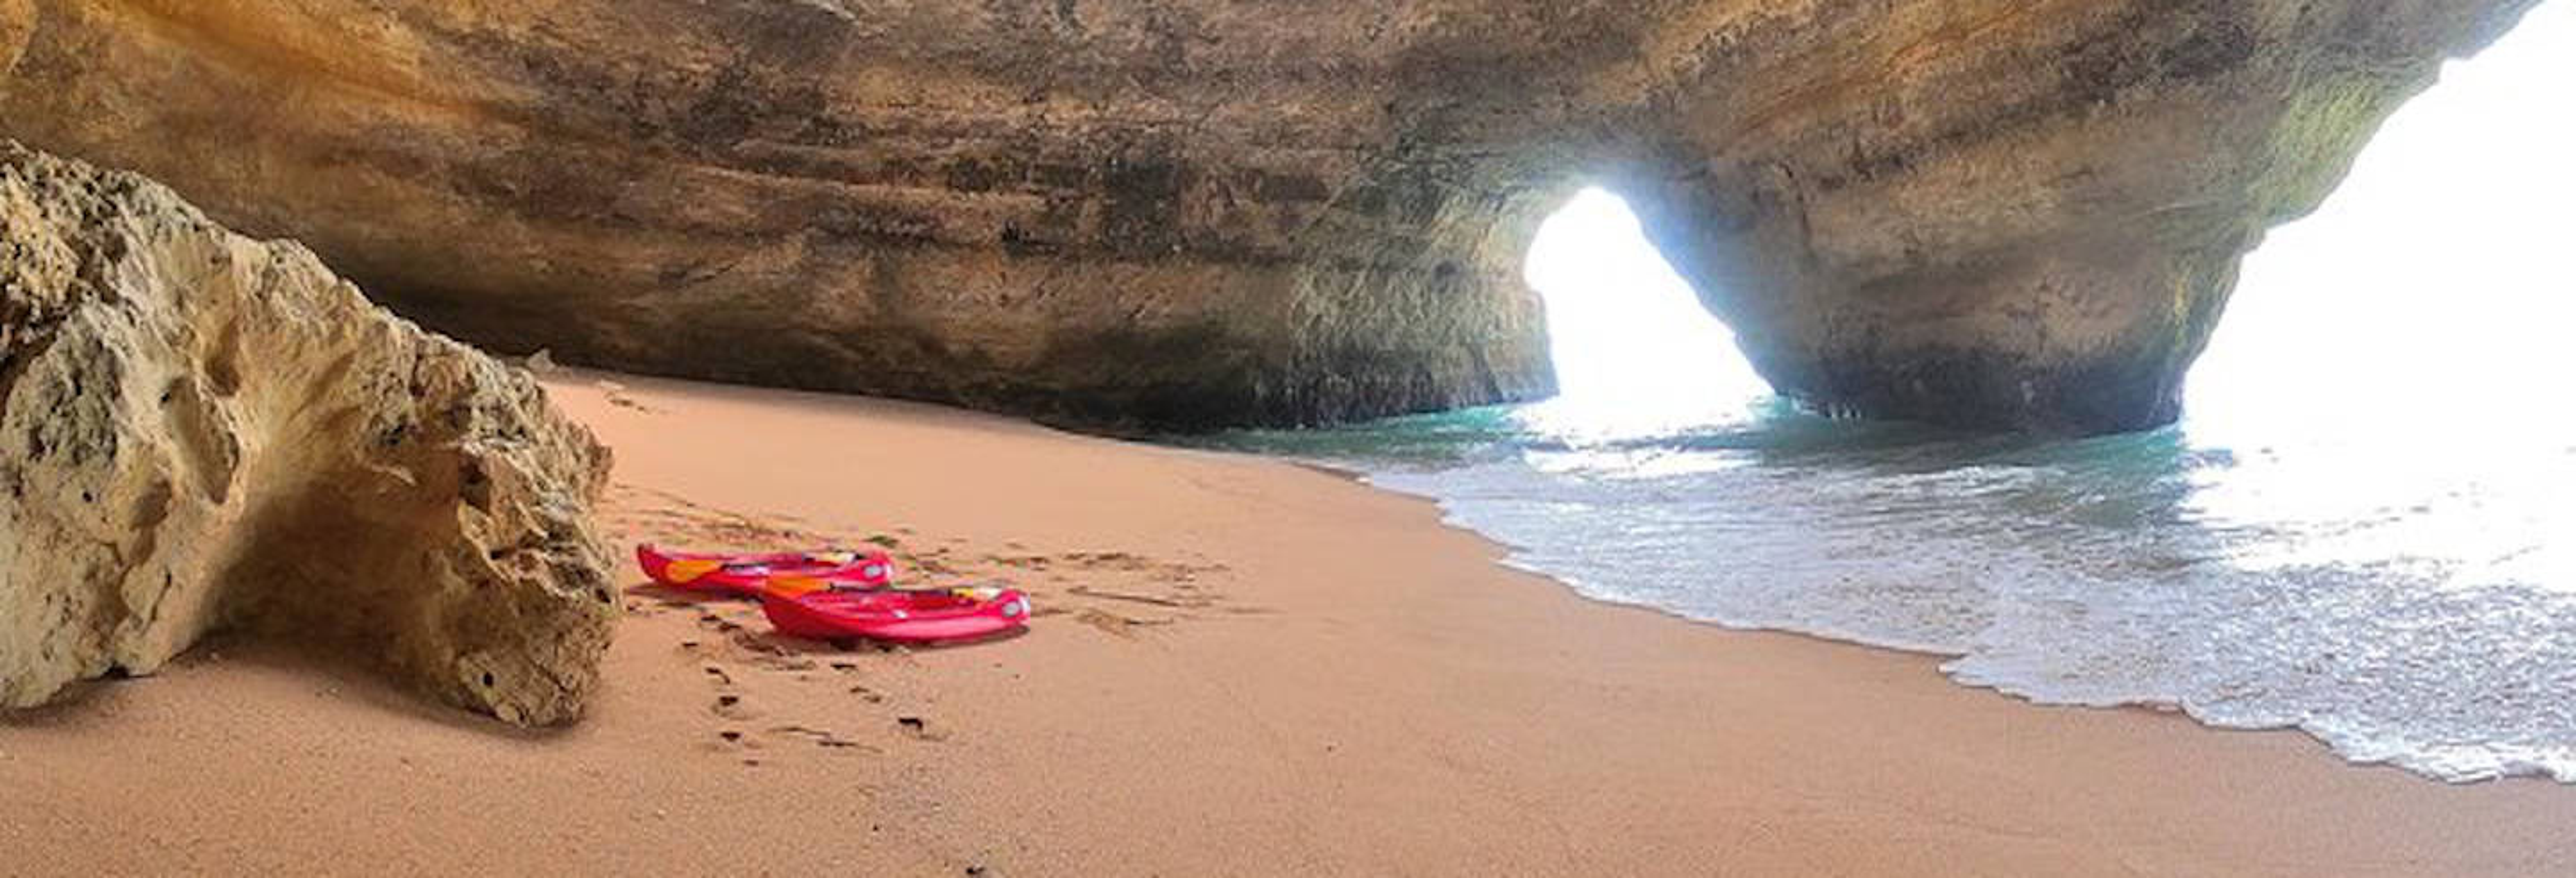 Caiaque pelas grutas de Benagil ao amanhecer ou ao entardecer